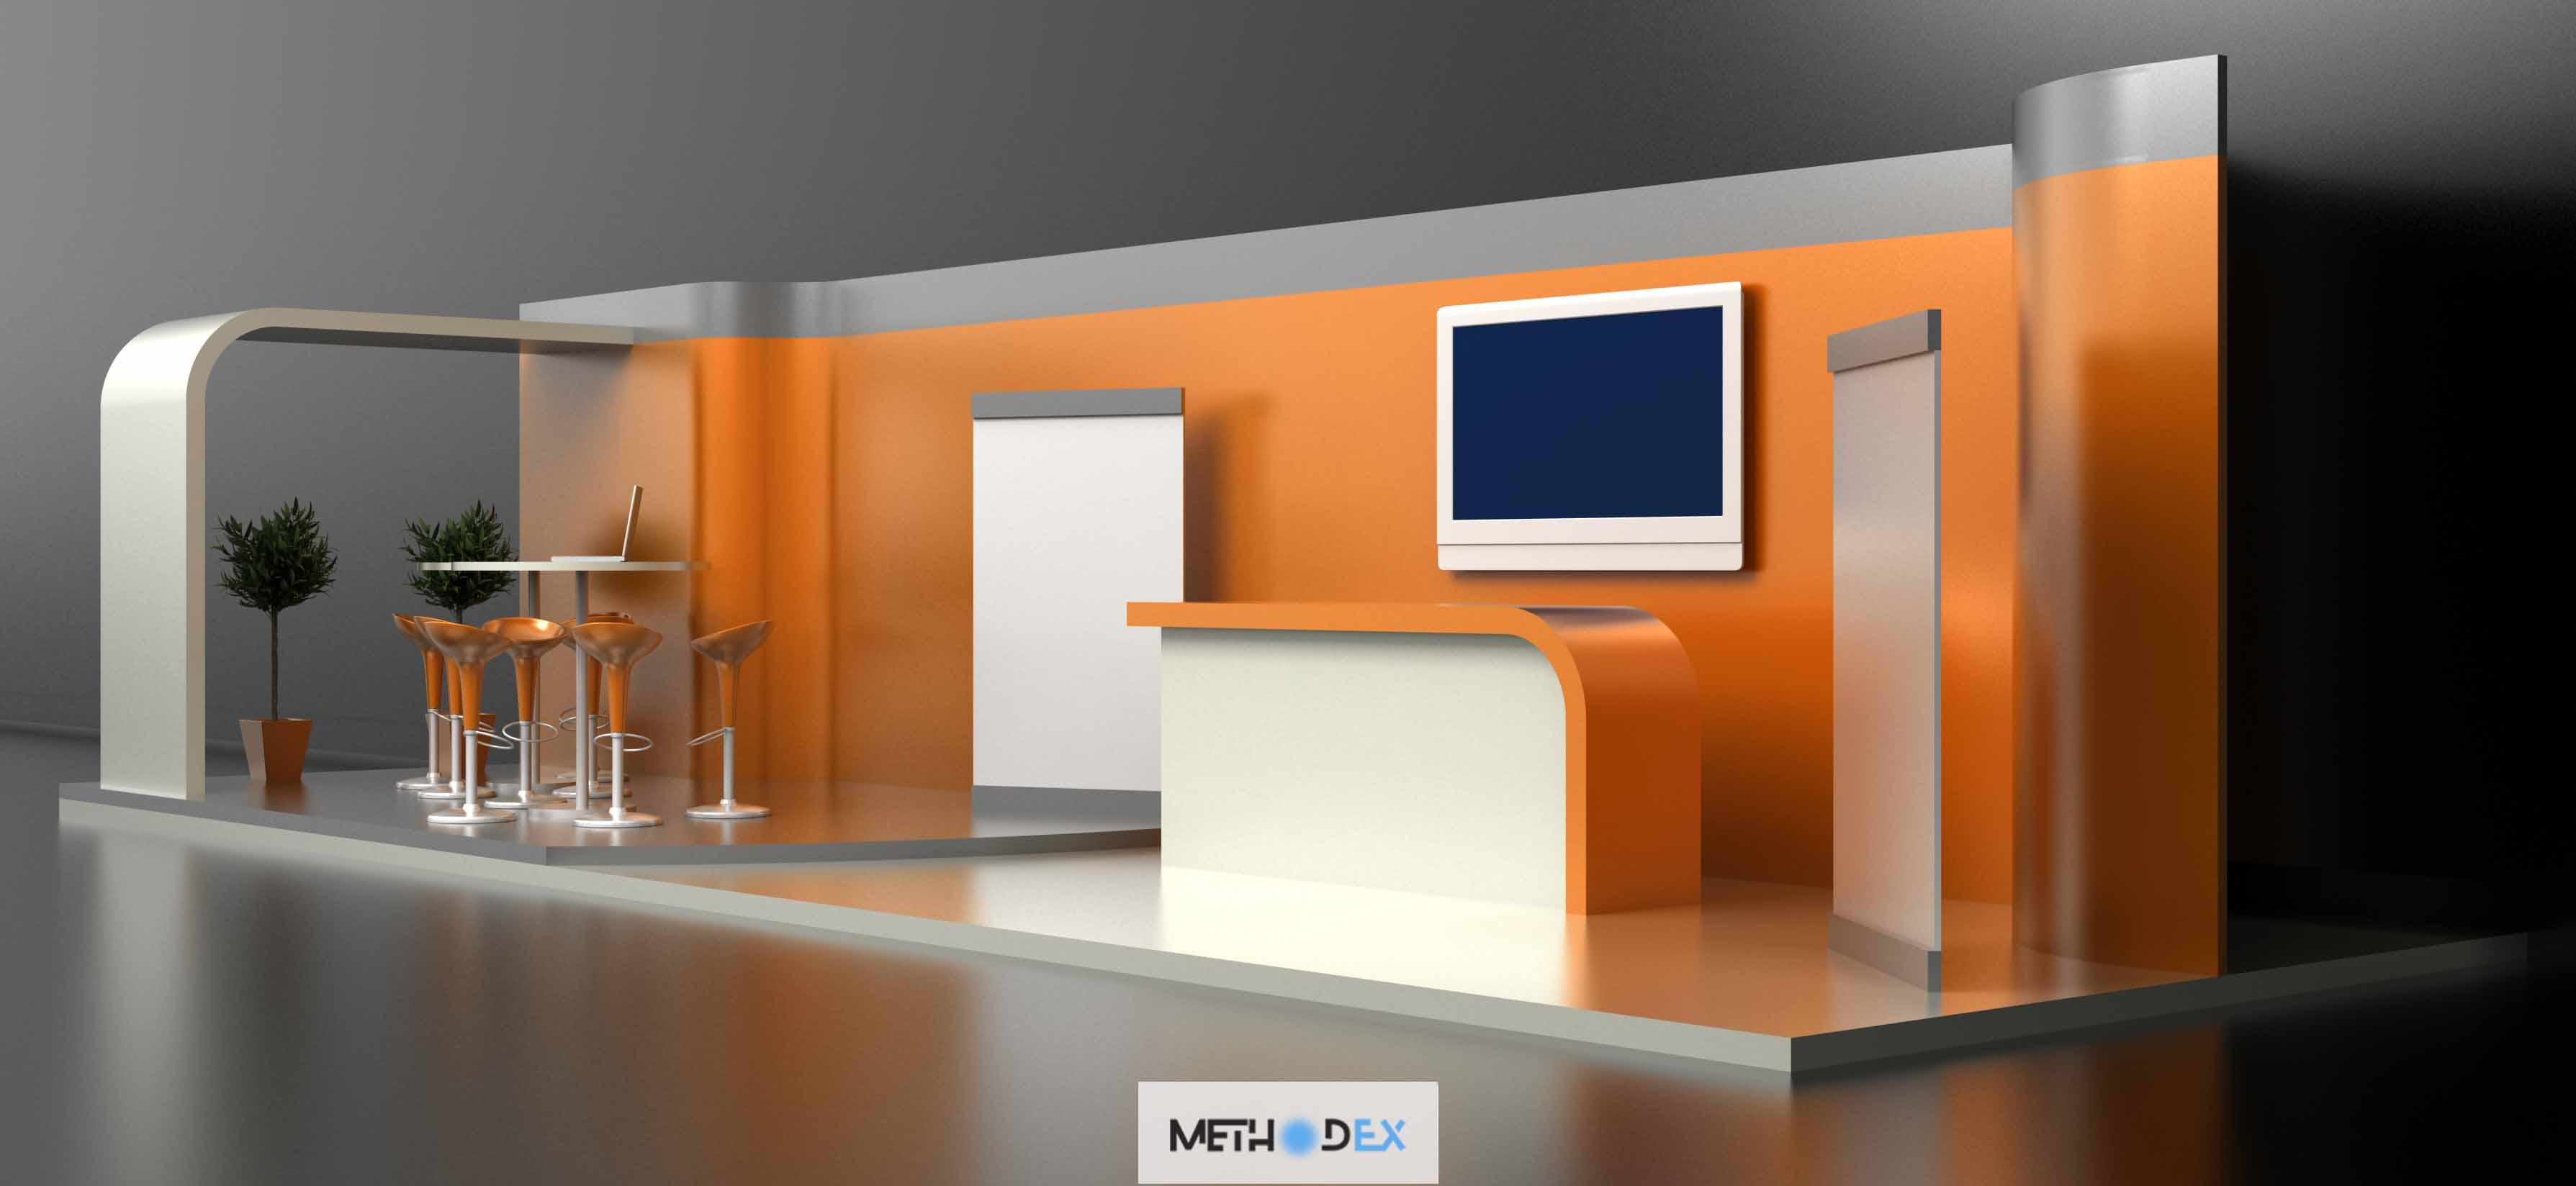 طراحی مدرن غرفه نمایشگاه